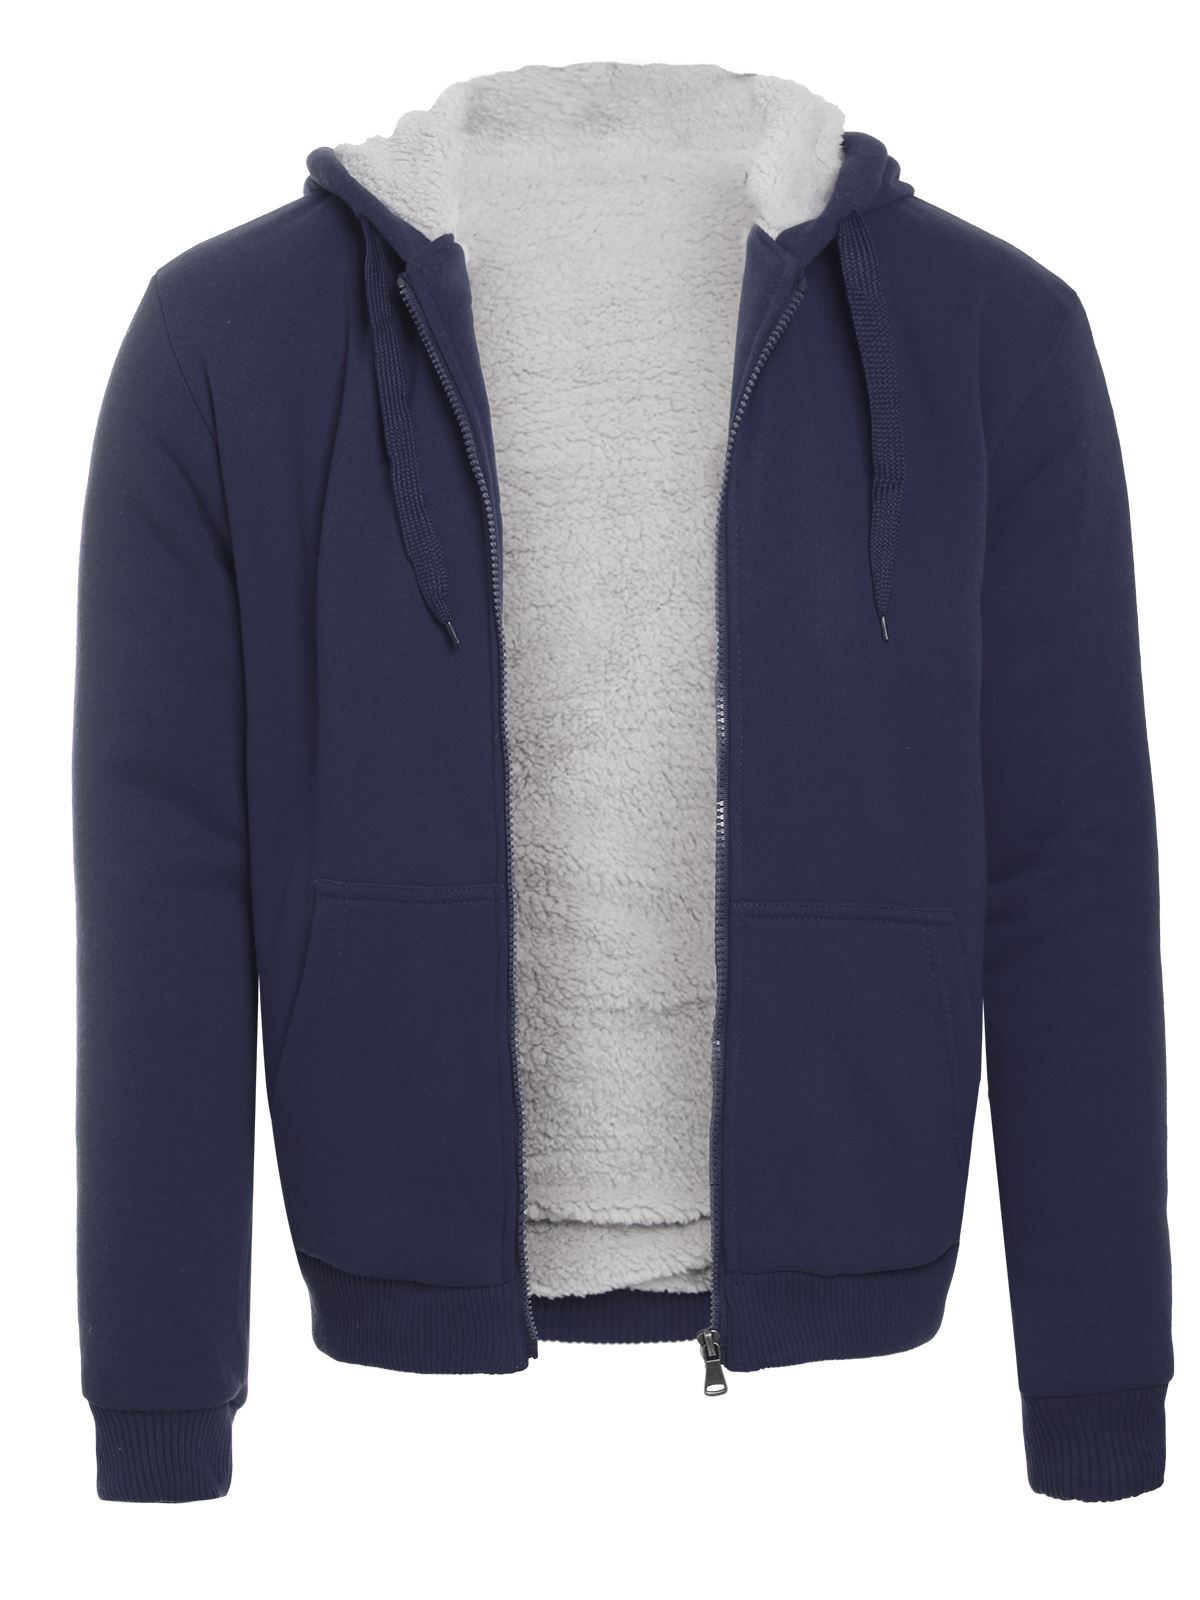 Mens Fleece Zip Up Jacket - Best Jacket 2017